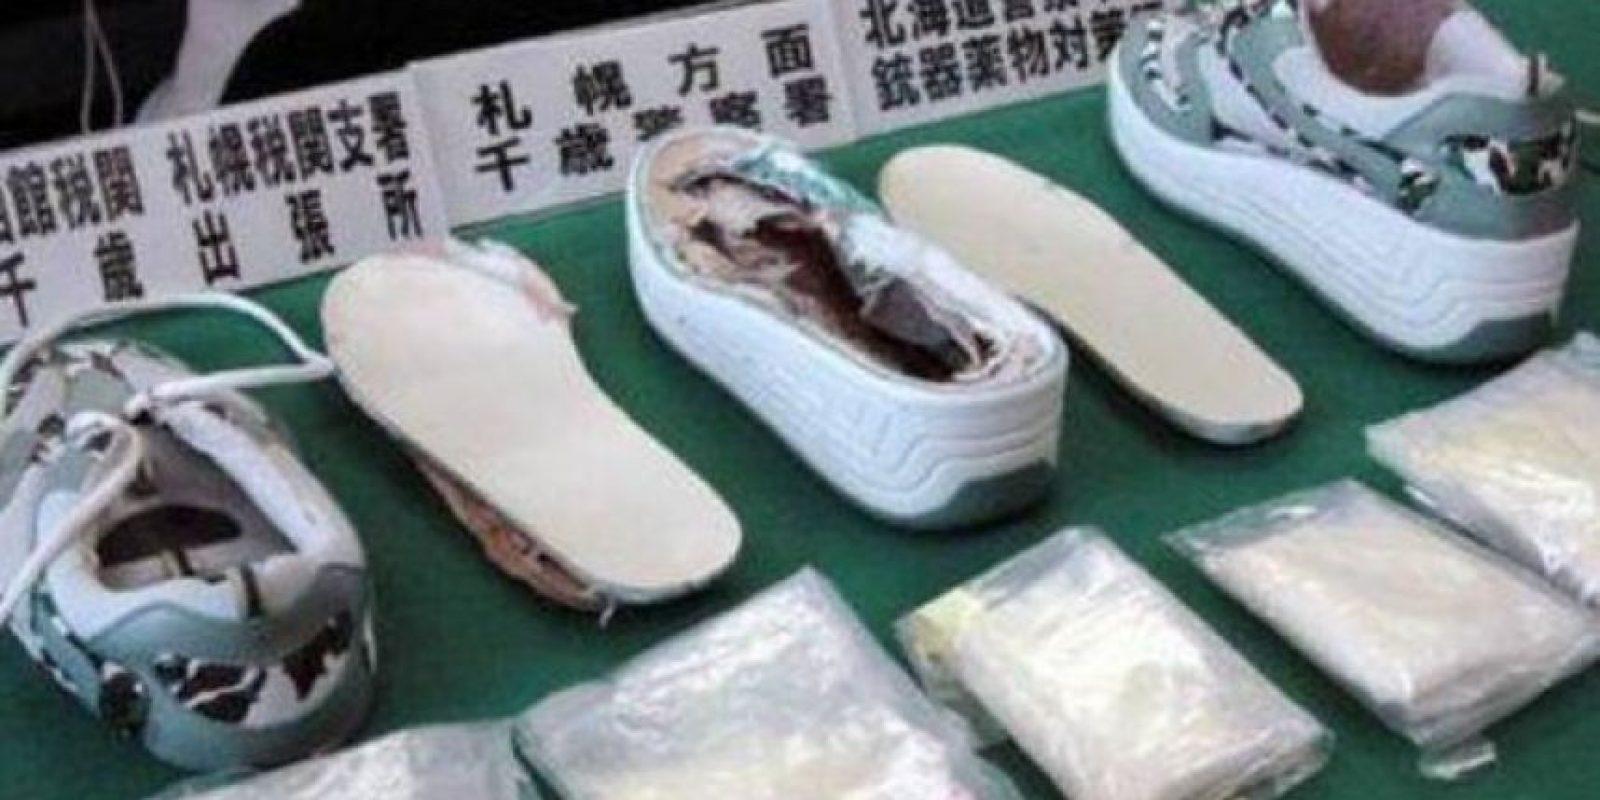 Zapatos: No importa cómo, lo importante es que llegue a su destino. Algunos narcos deciden meter su cargamento dentro de zapatos, comúnmente oculto en las plataformas o suelas. Foto:Internet